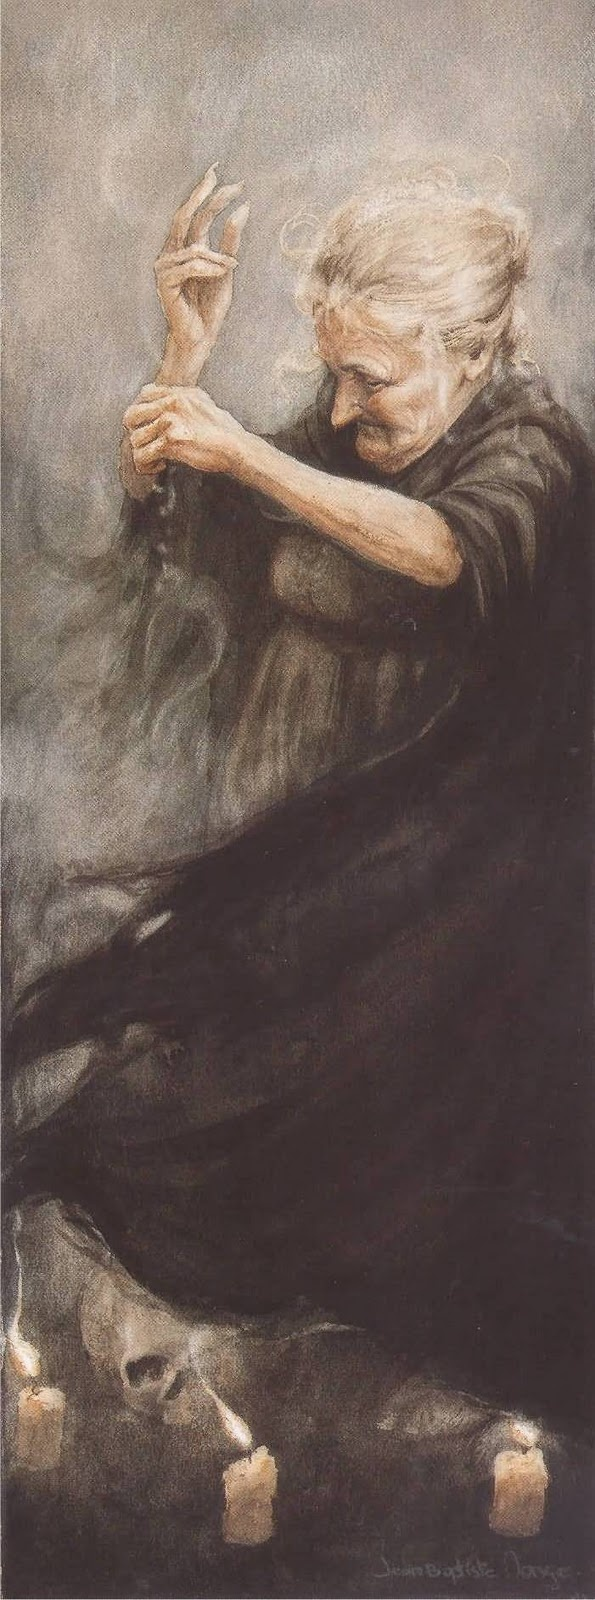 Vale do Mago: Dia das Bruxas - Samhain e Halloween